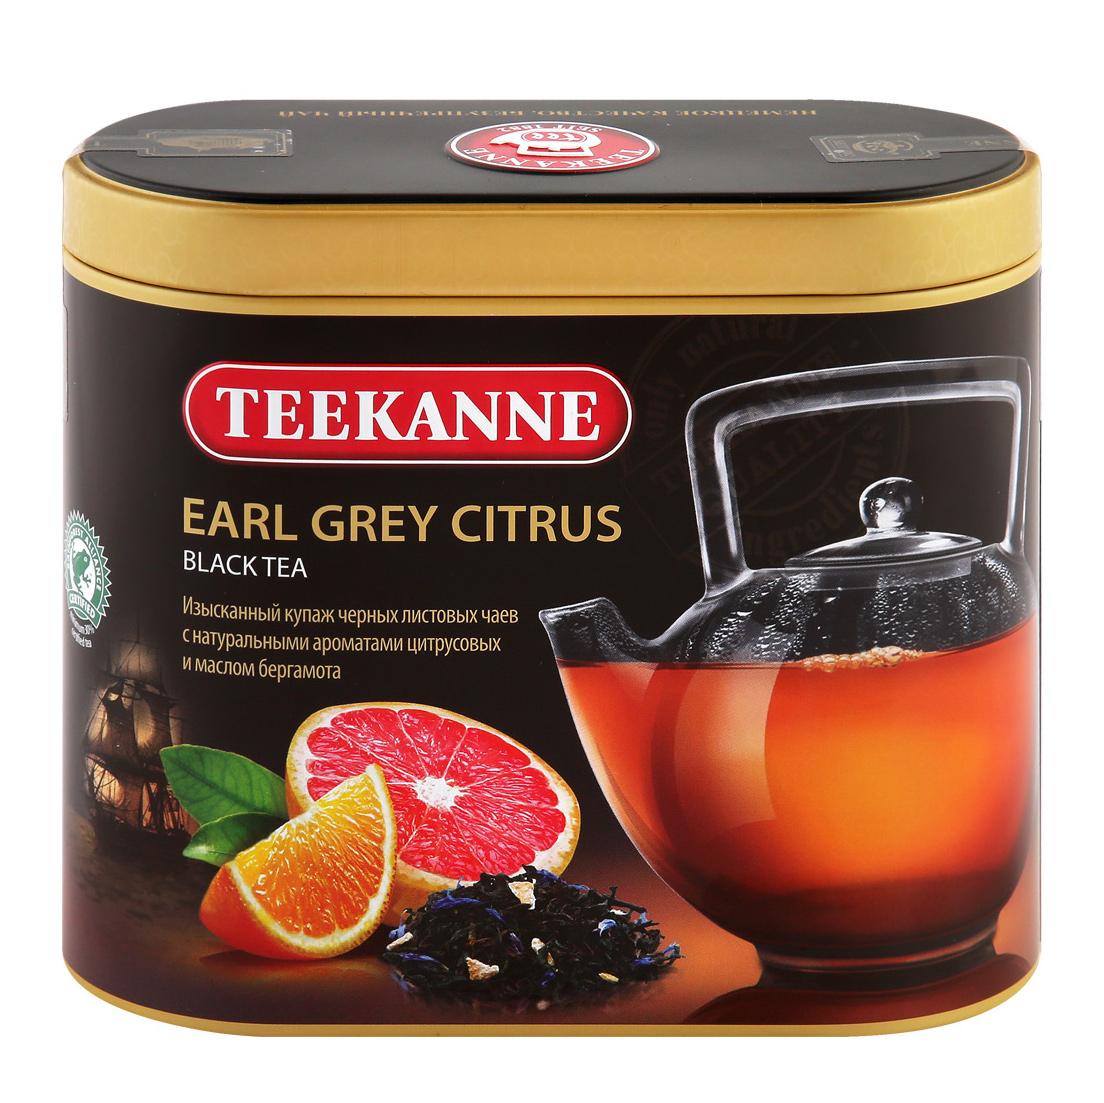 Чай черный Teekanne Earl Grey Citrus листовой 150 г чай черный teekanne черная смородина гранат листовой 150 г